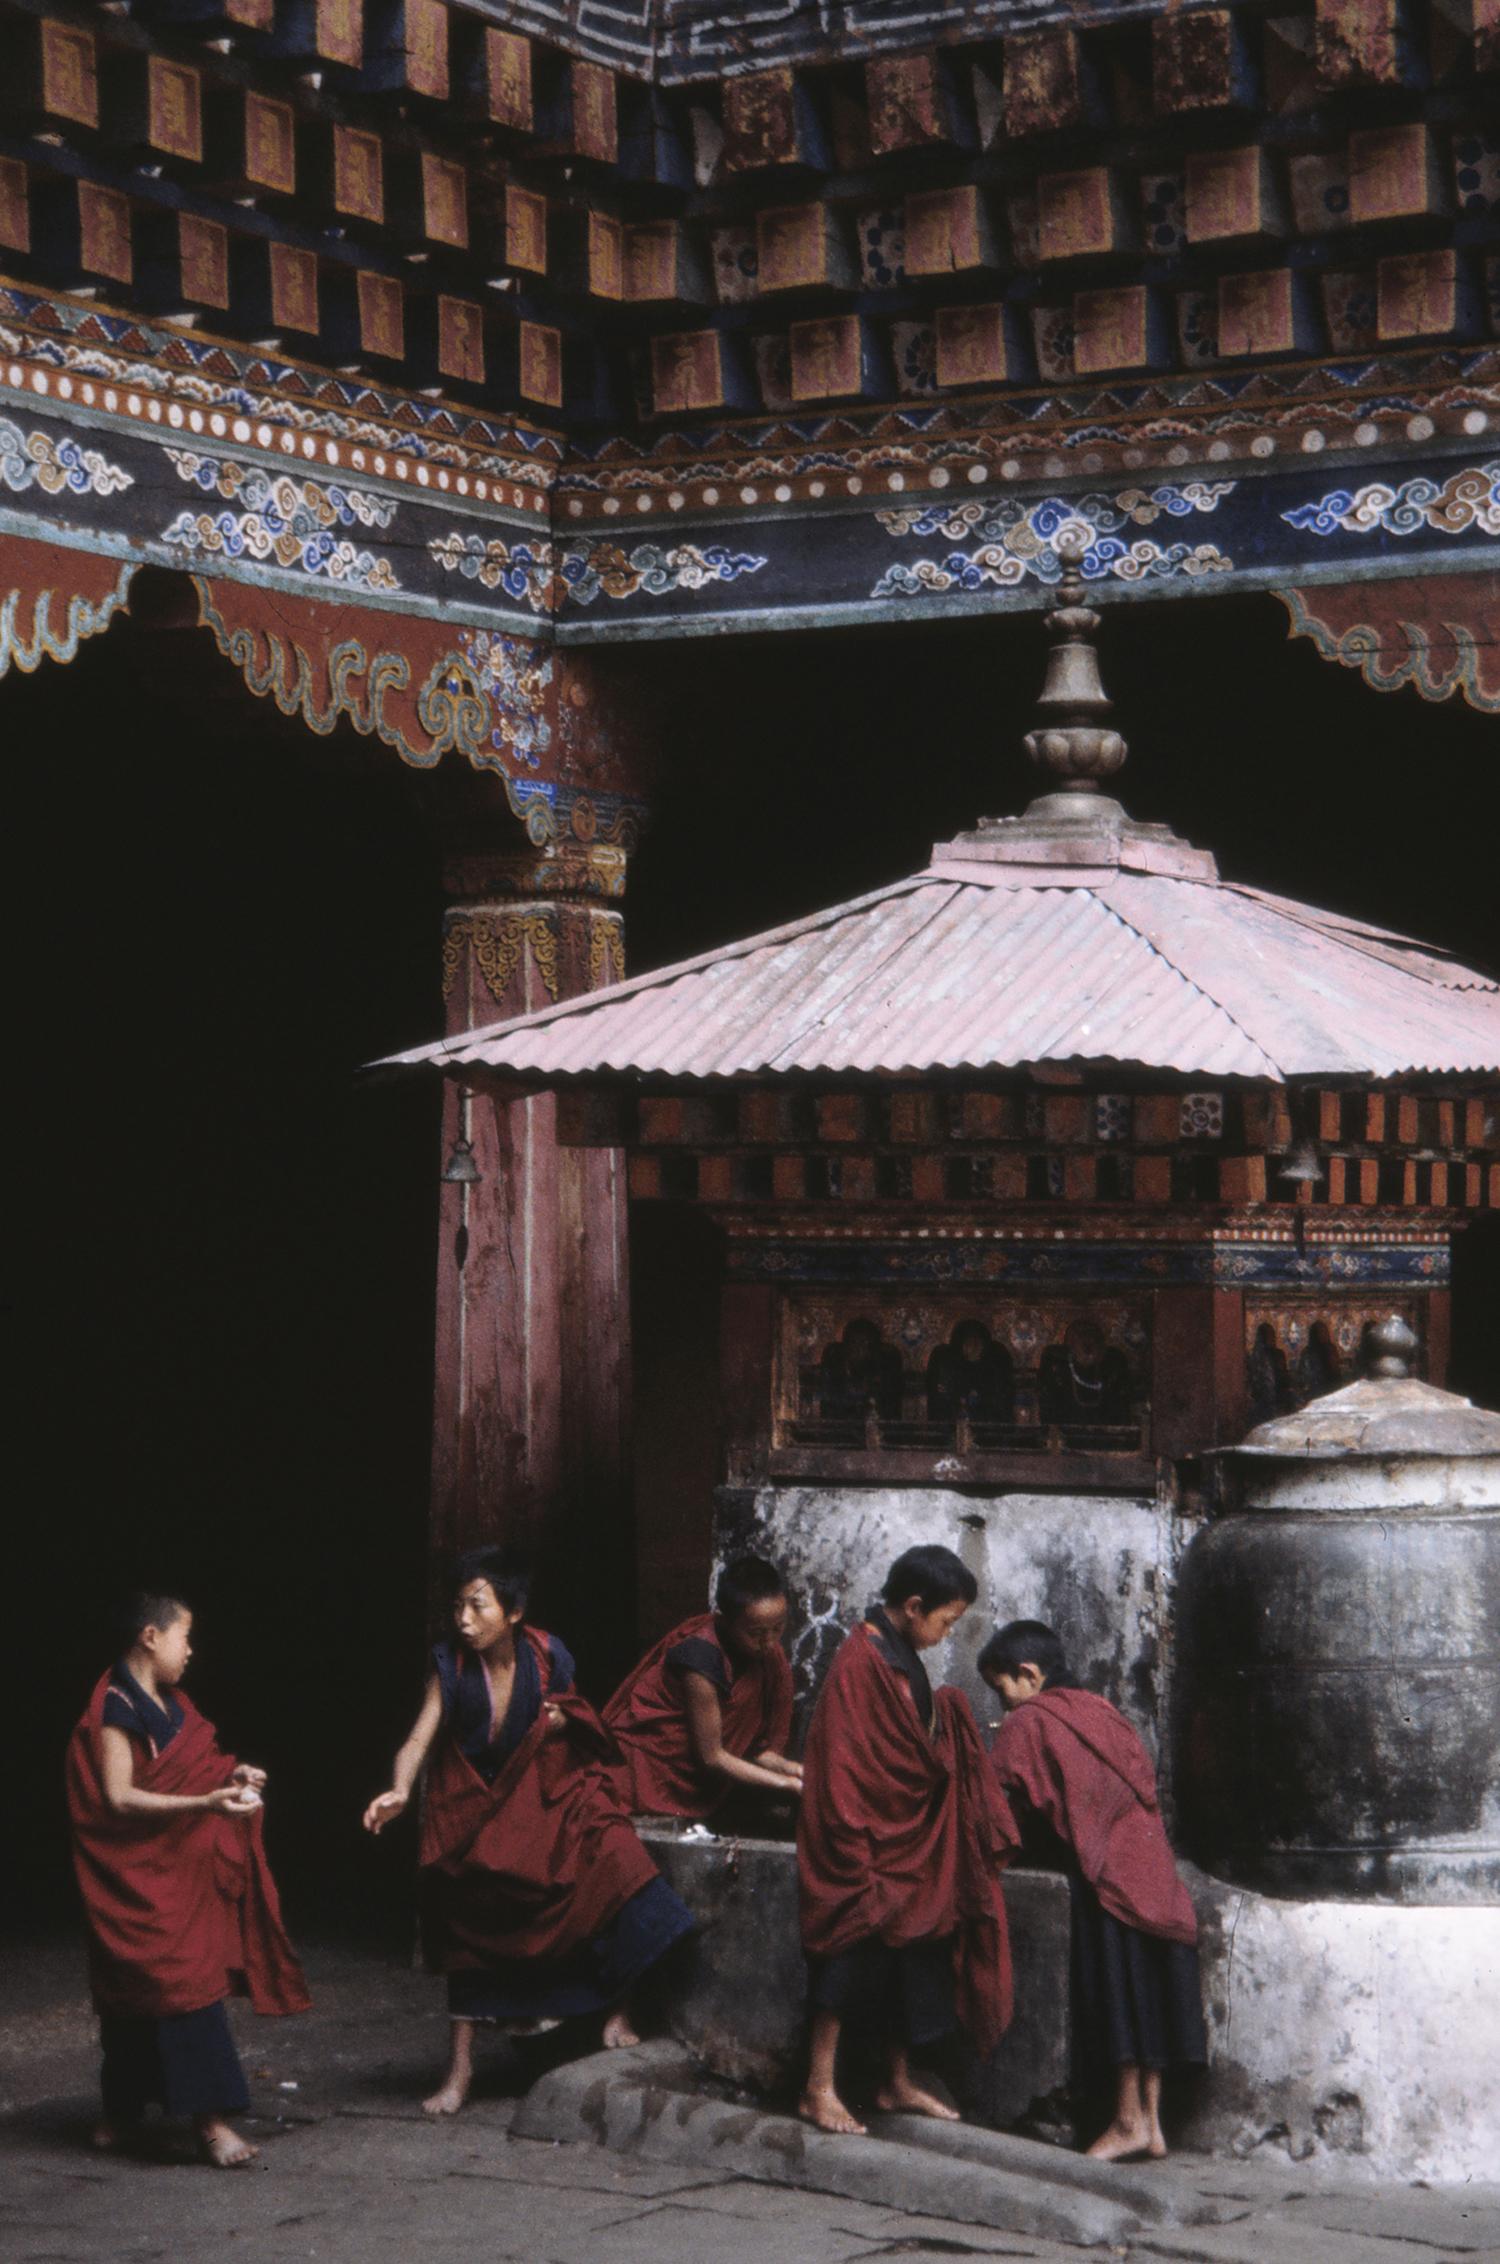 Bhutan7_MR copy2 copy.jpg